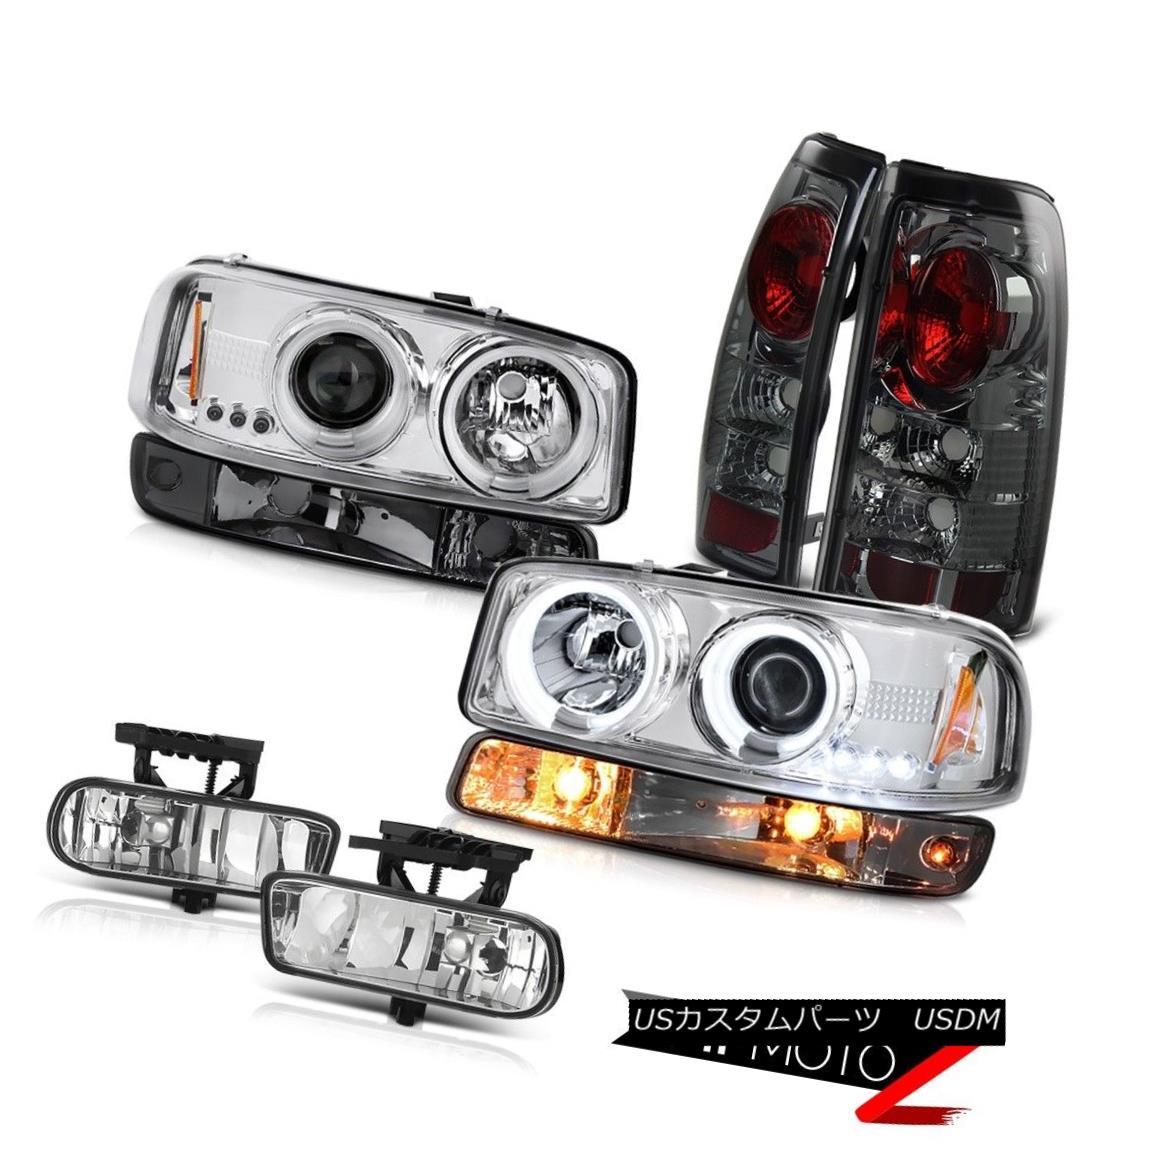 テールライト 99-02 Sierra SLT Fog lights dark smoke tail lamps parking light ccfl headlamps 99-02シエラSLTフォグライトダークスモールテールランプパーキングライトccflヘッドライト